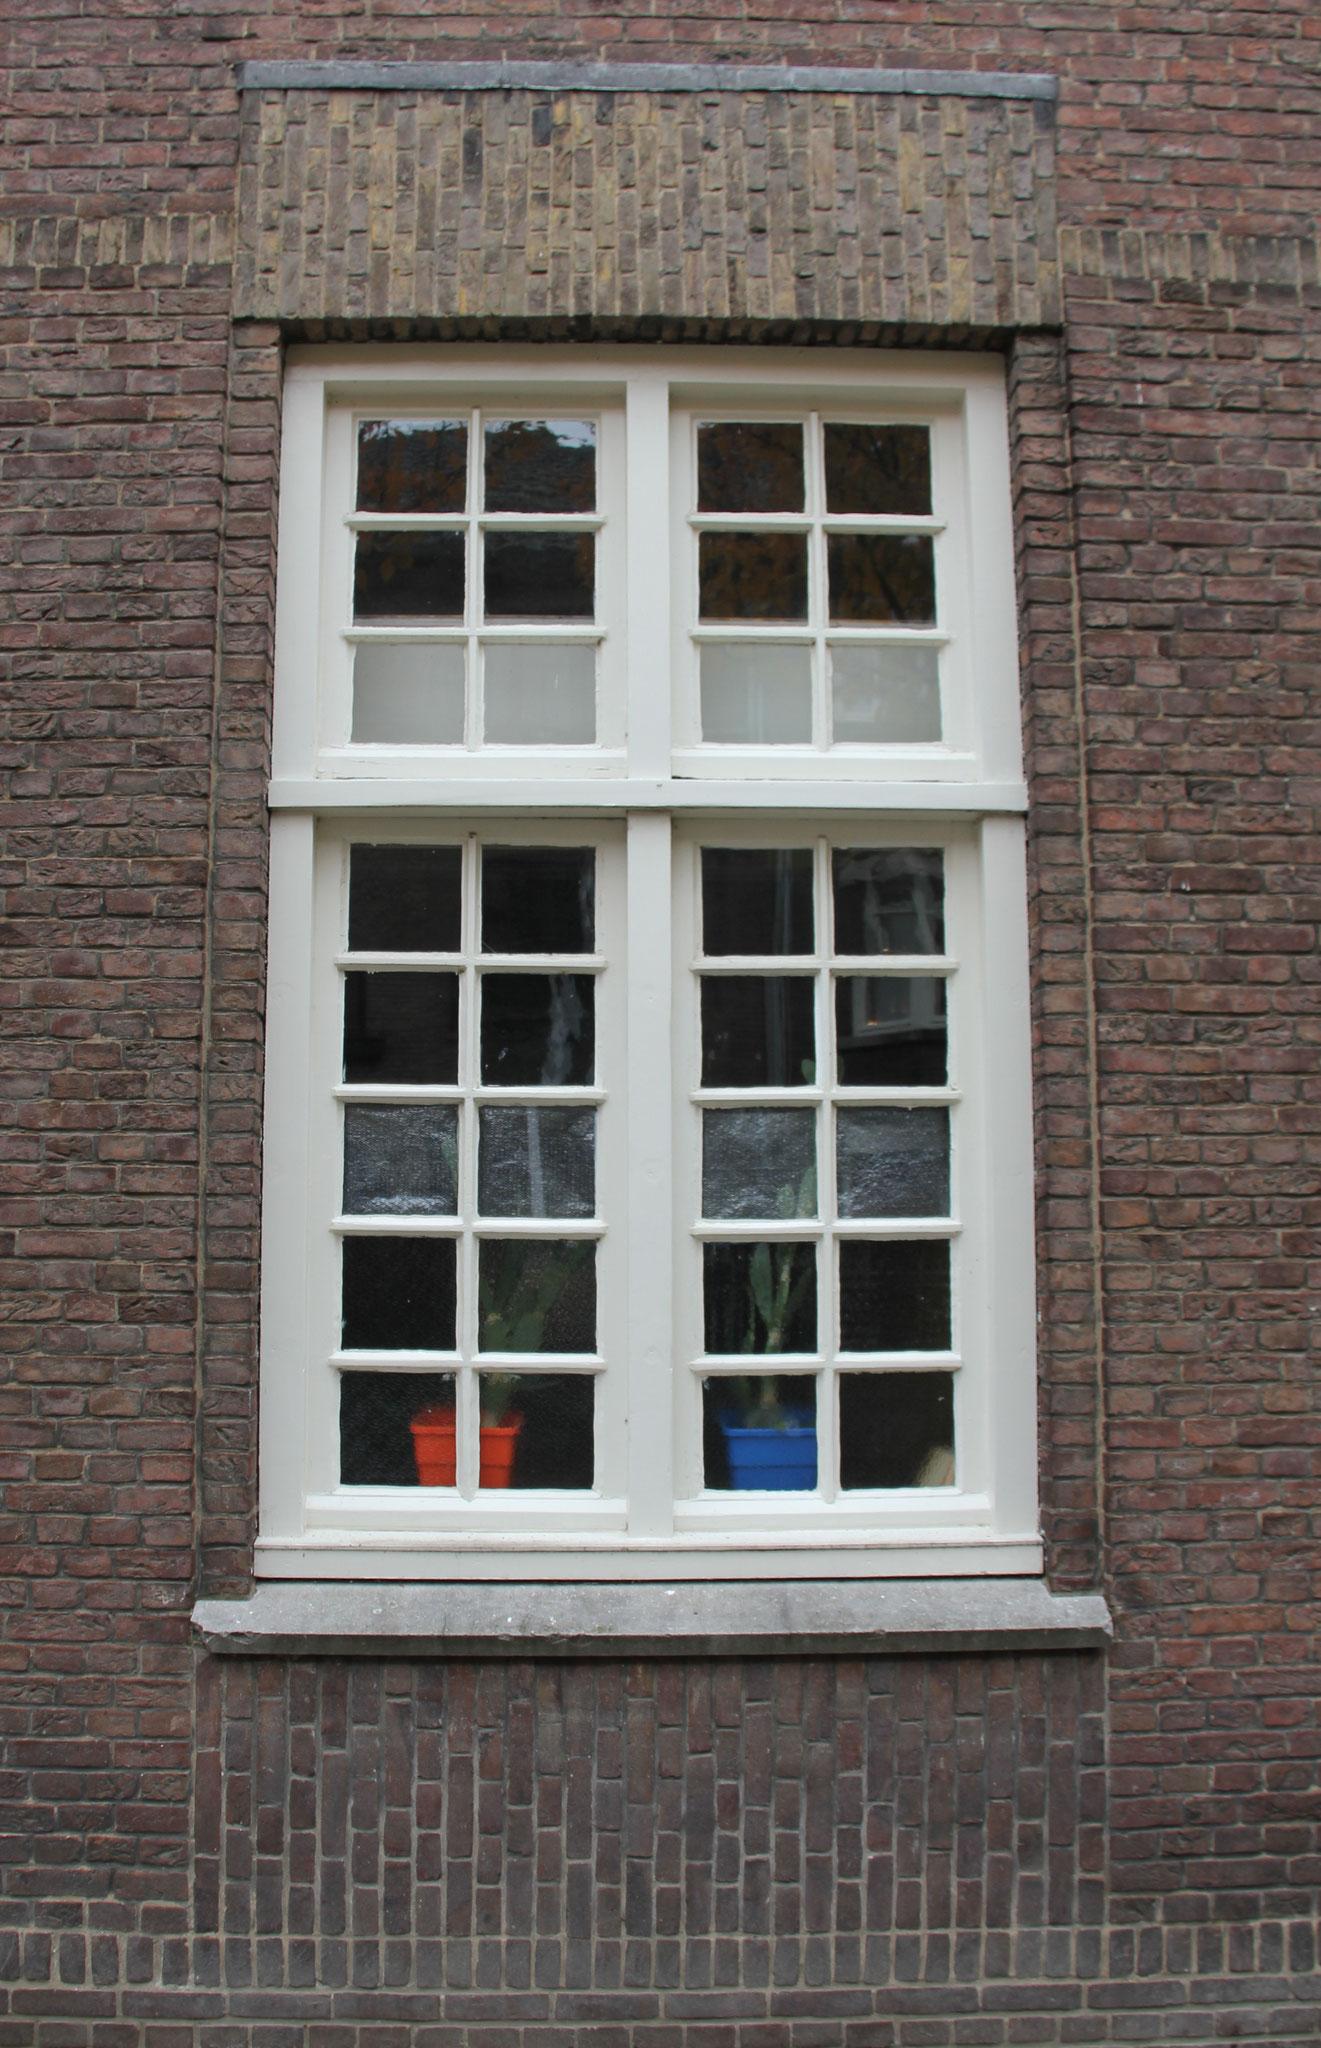 Zowel van de bouw uit 1917 als 1928 zij de authentieke vensters behouden.